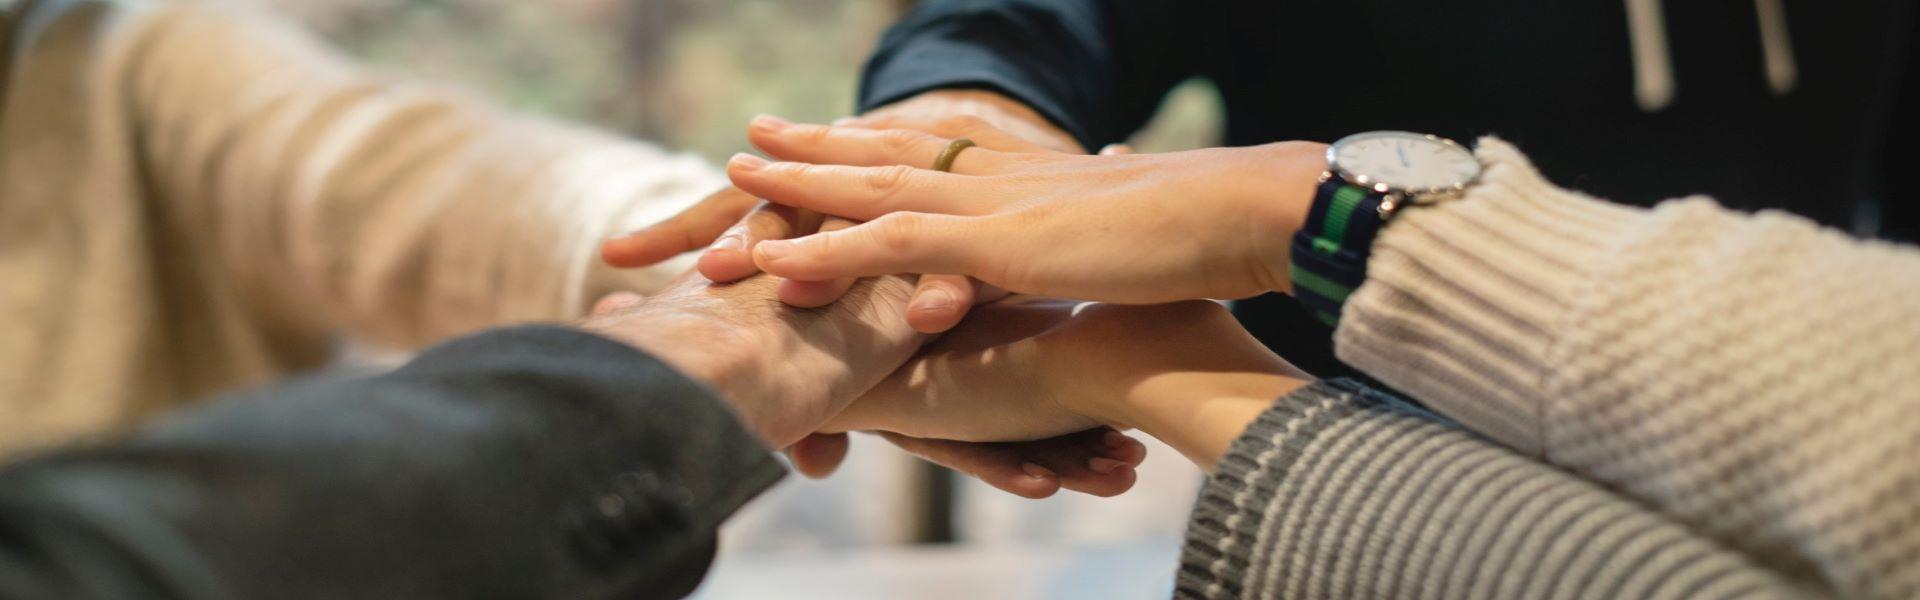 szkolenia-dla-firm-Team-Building-szkolenia-integracyjne-budowanie-zespołu-warsztat-integracyjny-efektywność-efektywny-zaspół